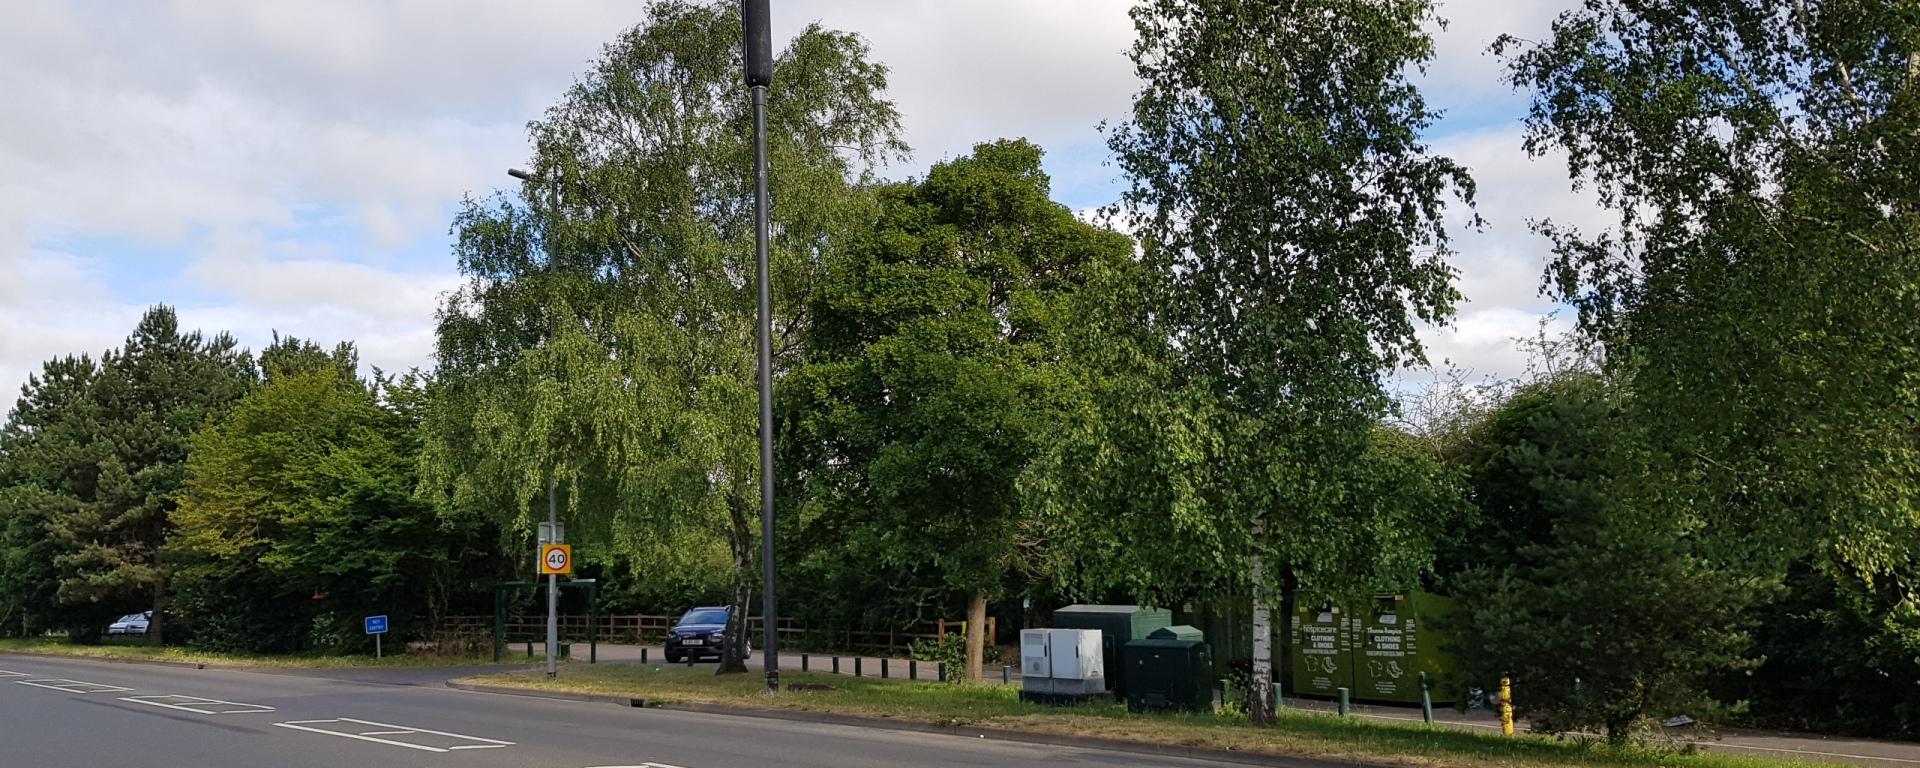 phone mast at sutherland grange